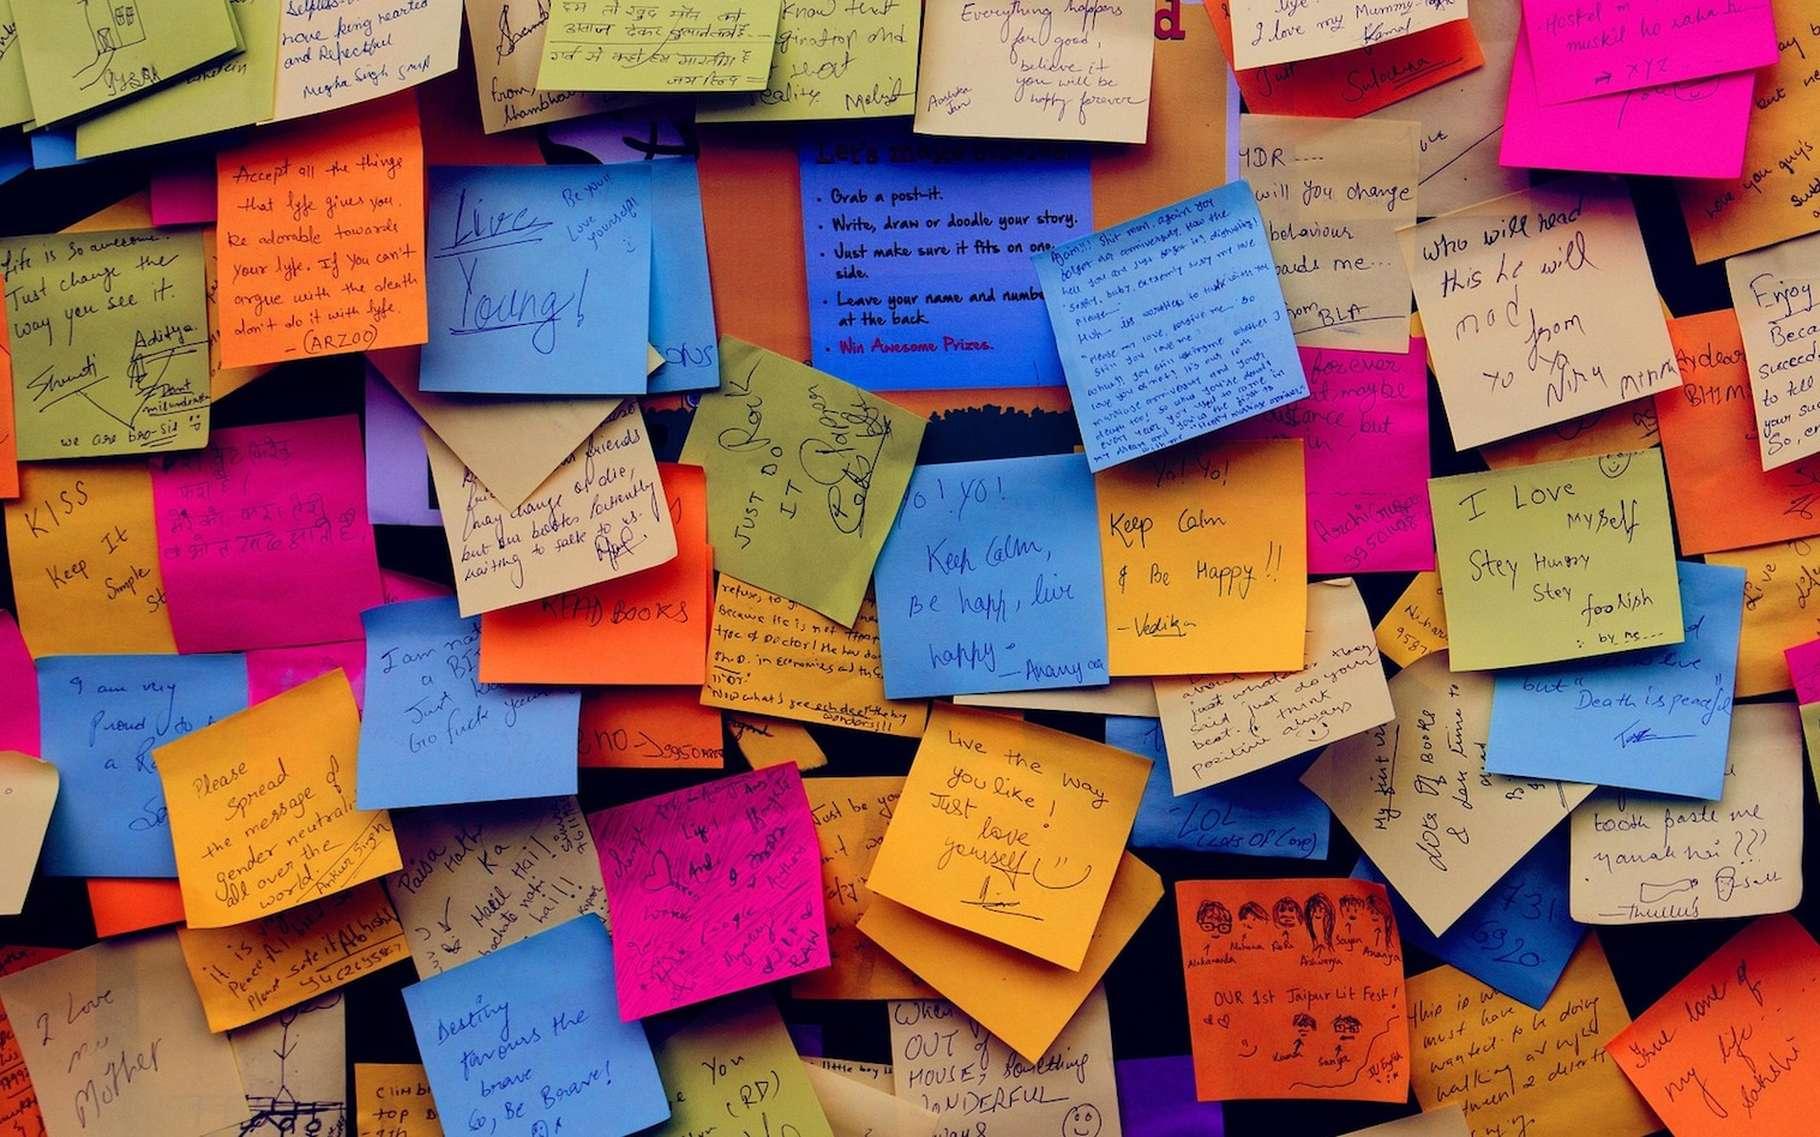 Certaines colles sont destinées à assembler des pièces pour des années. D'autres servent à coller des post-its au mur. Ainsi il est difficile d'imaginer une véritable colle universelle. © Pexels, Pixabay, CC0 Creative Commons